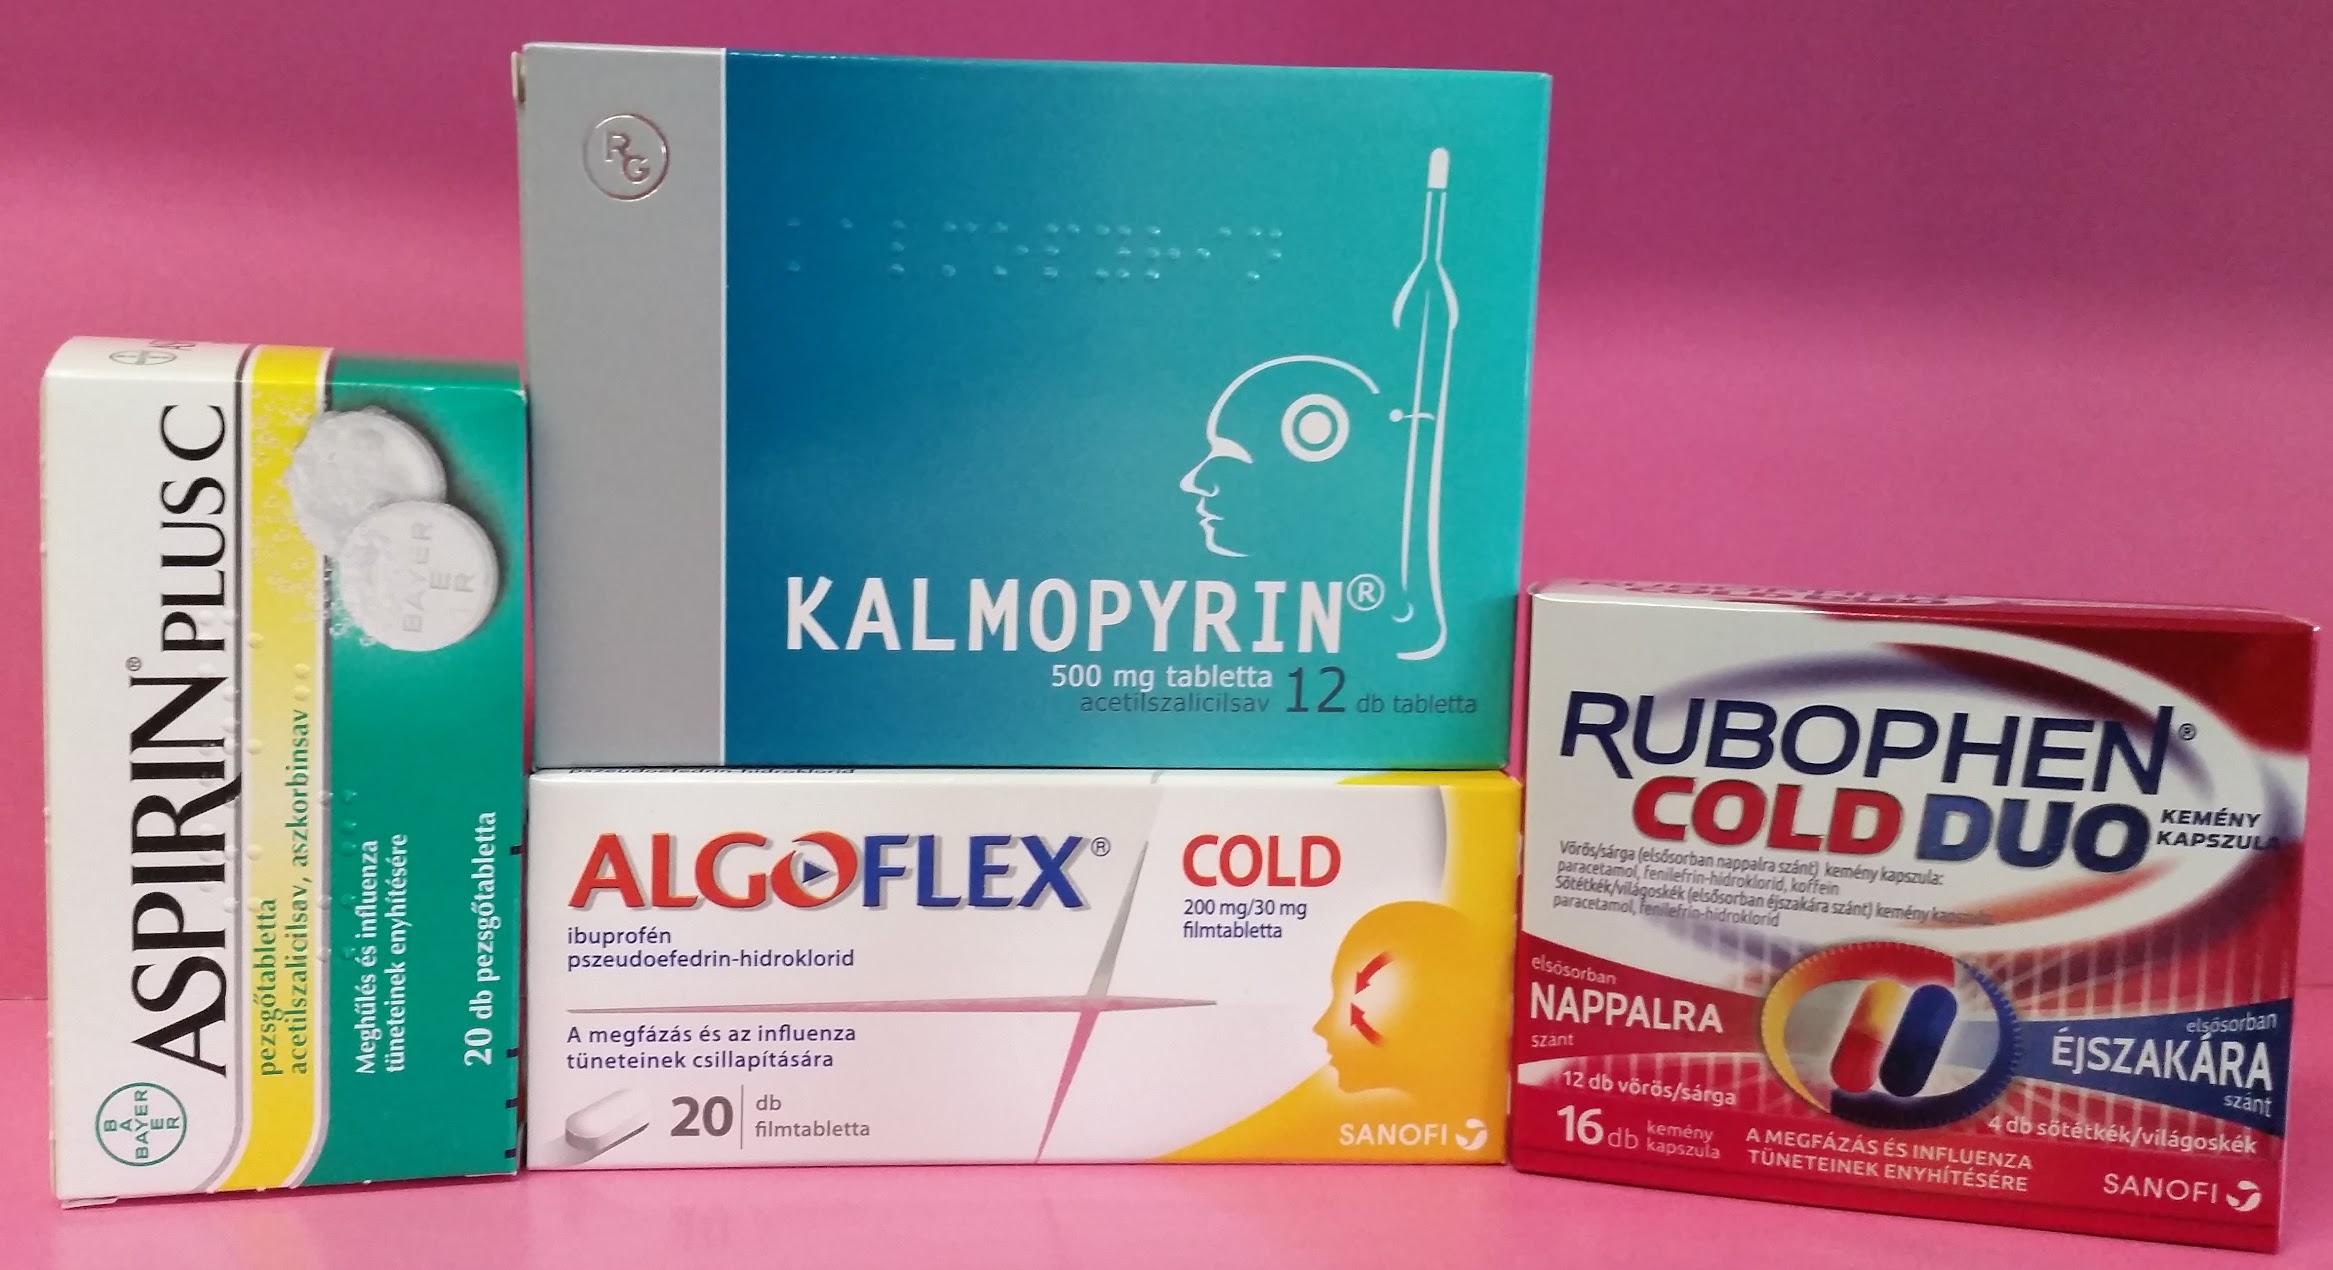 olcsó gyógyszerek pikkelysömörhöz)